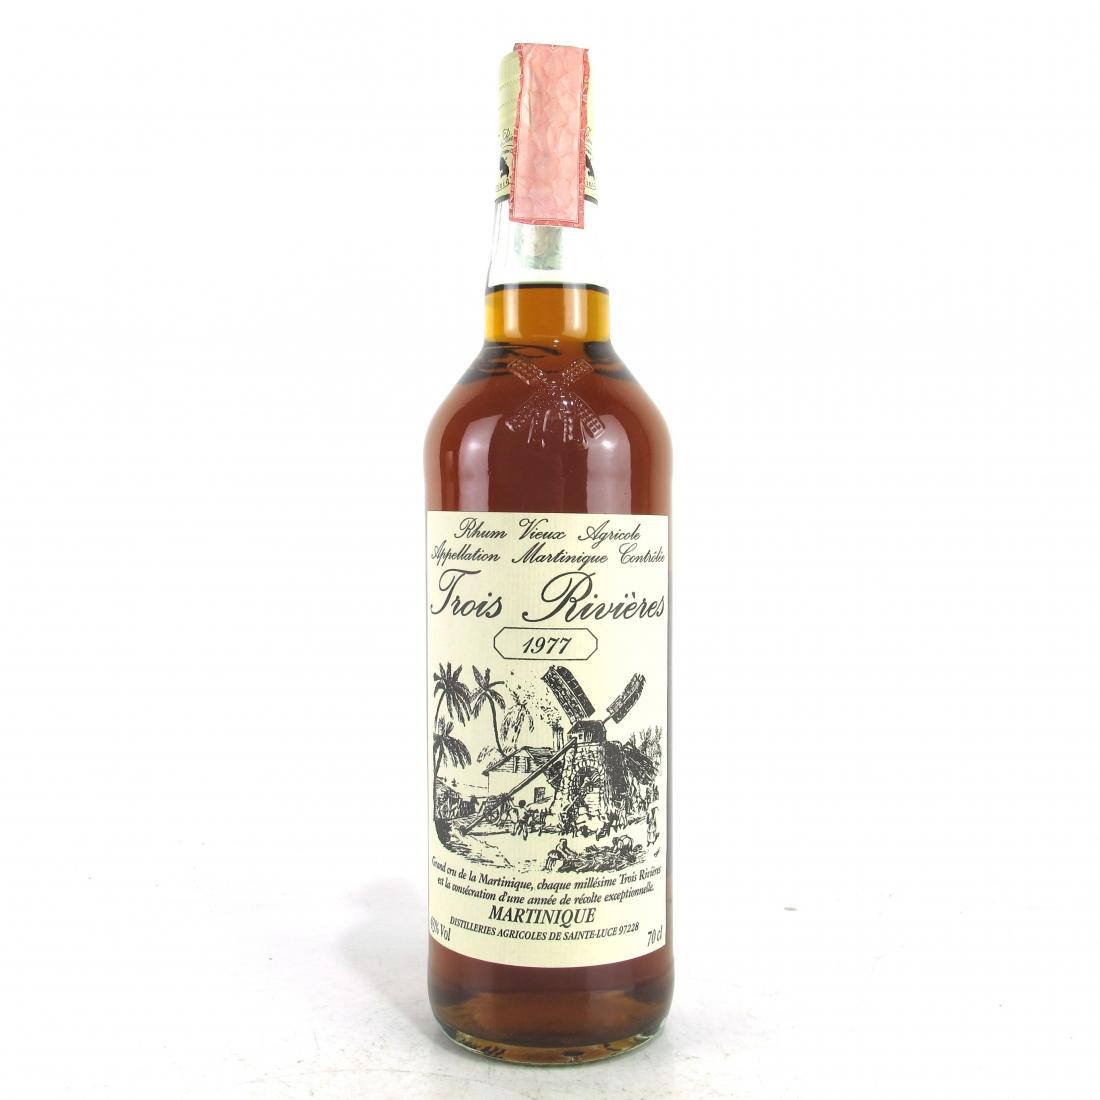 Trois Rivieres 1977 Single Cask Martinique Rum